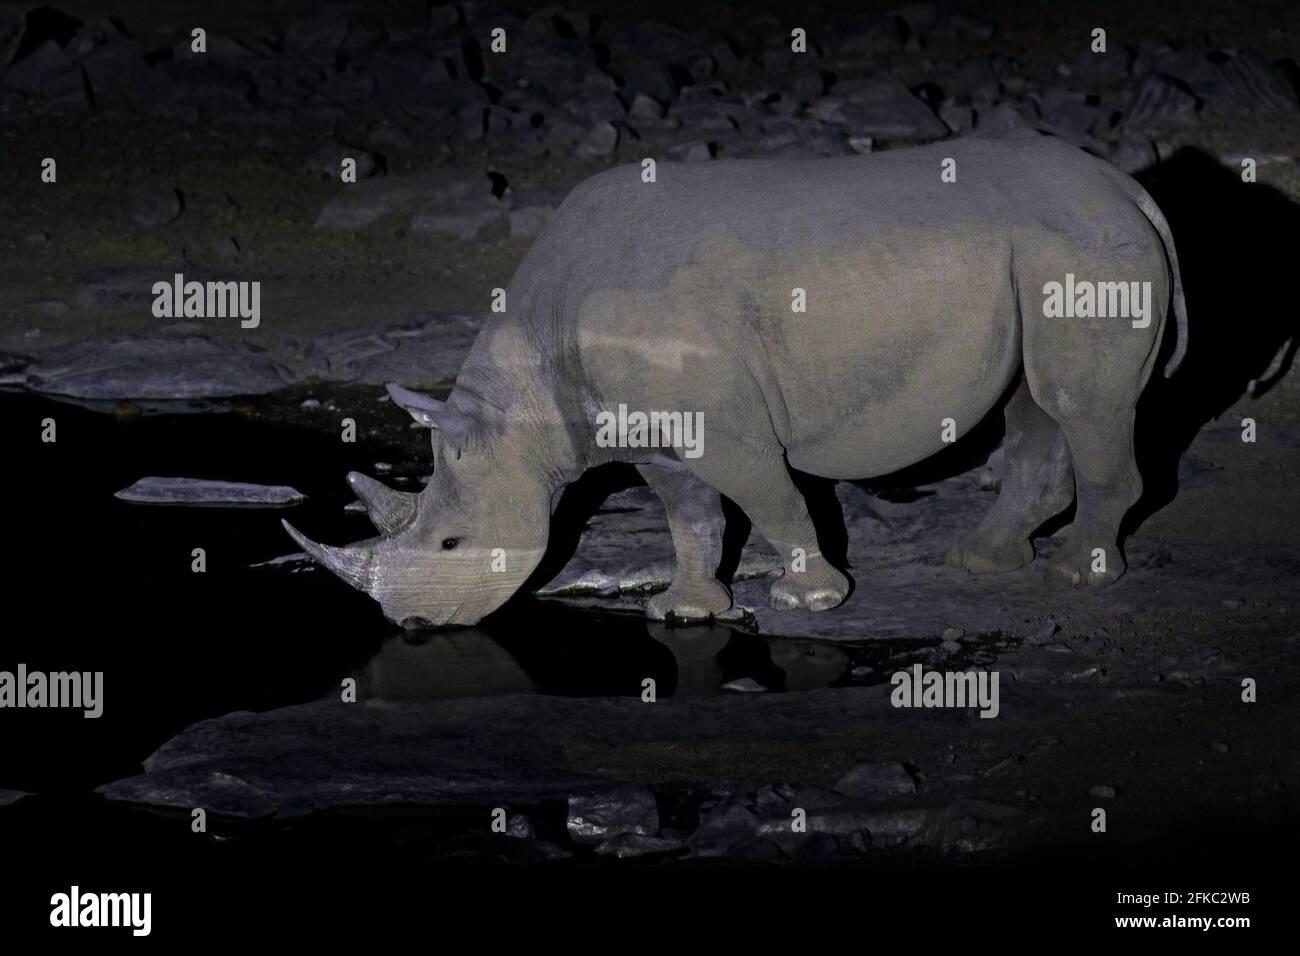 Rhino près du trou d'eau, nuit dans le désert de sable, Etocha NP, Namibie, Afrique. Rhinocéros noirs ou rhinocéros à lèvres accrochantées, Diceros bicornis, dans le natu Banque D'Images